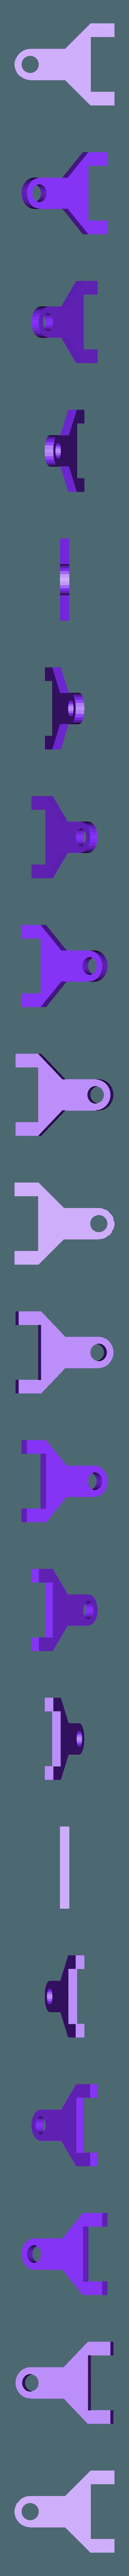 Filament_Guider_piece_2._Odirse.stl Télécharger fichier STL gratuit Guide du filament pour Mendel Prusa i3 • Plan pour imprimante 3D, niceandeasy